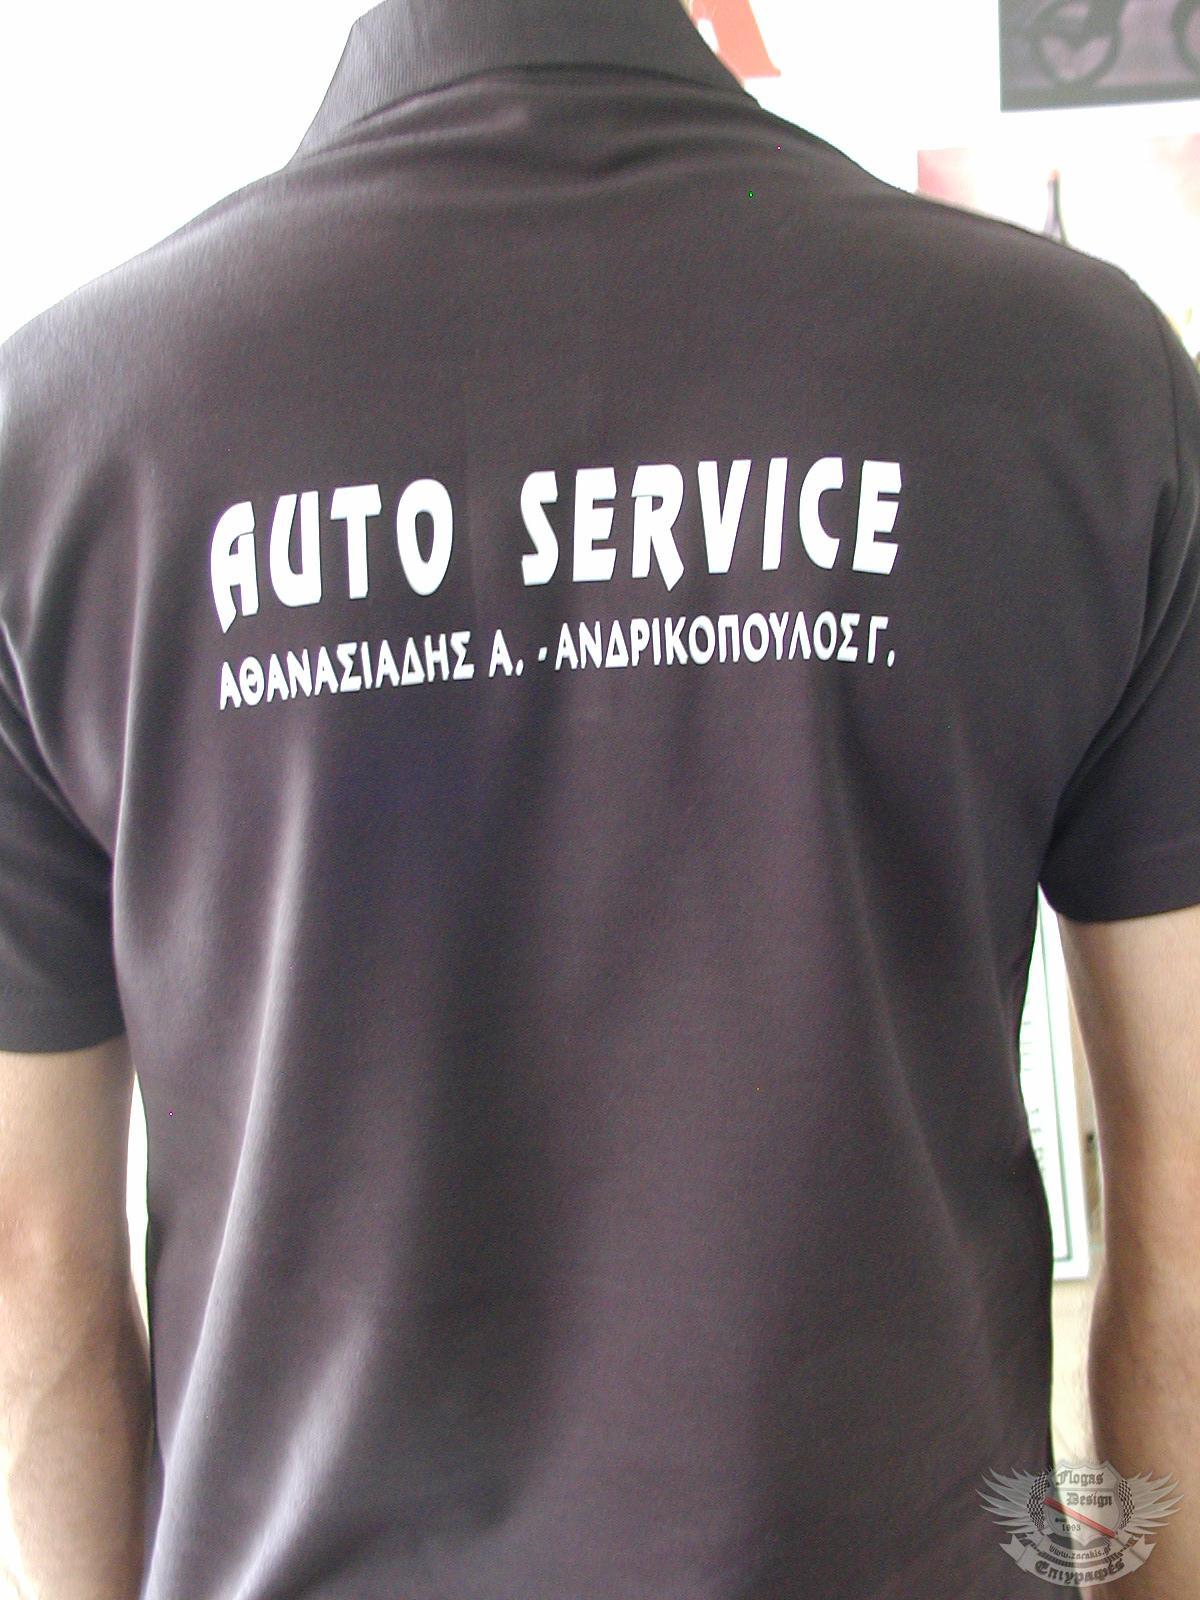 Ρούχα για υπαλλήλους καταστημάτων, μπλούζα για μαγαζι με στάμπα